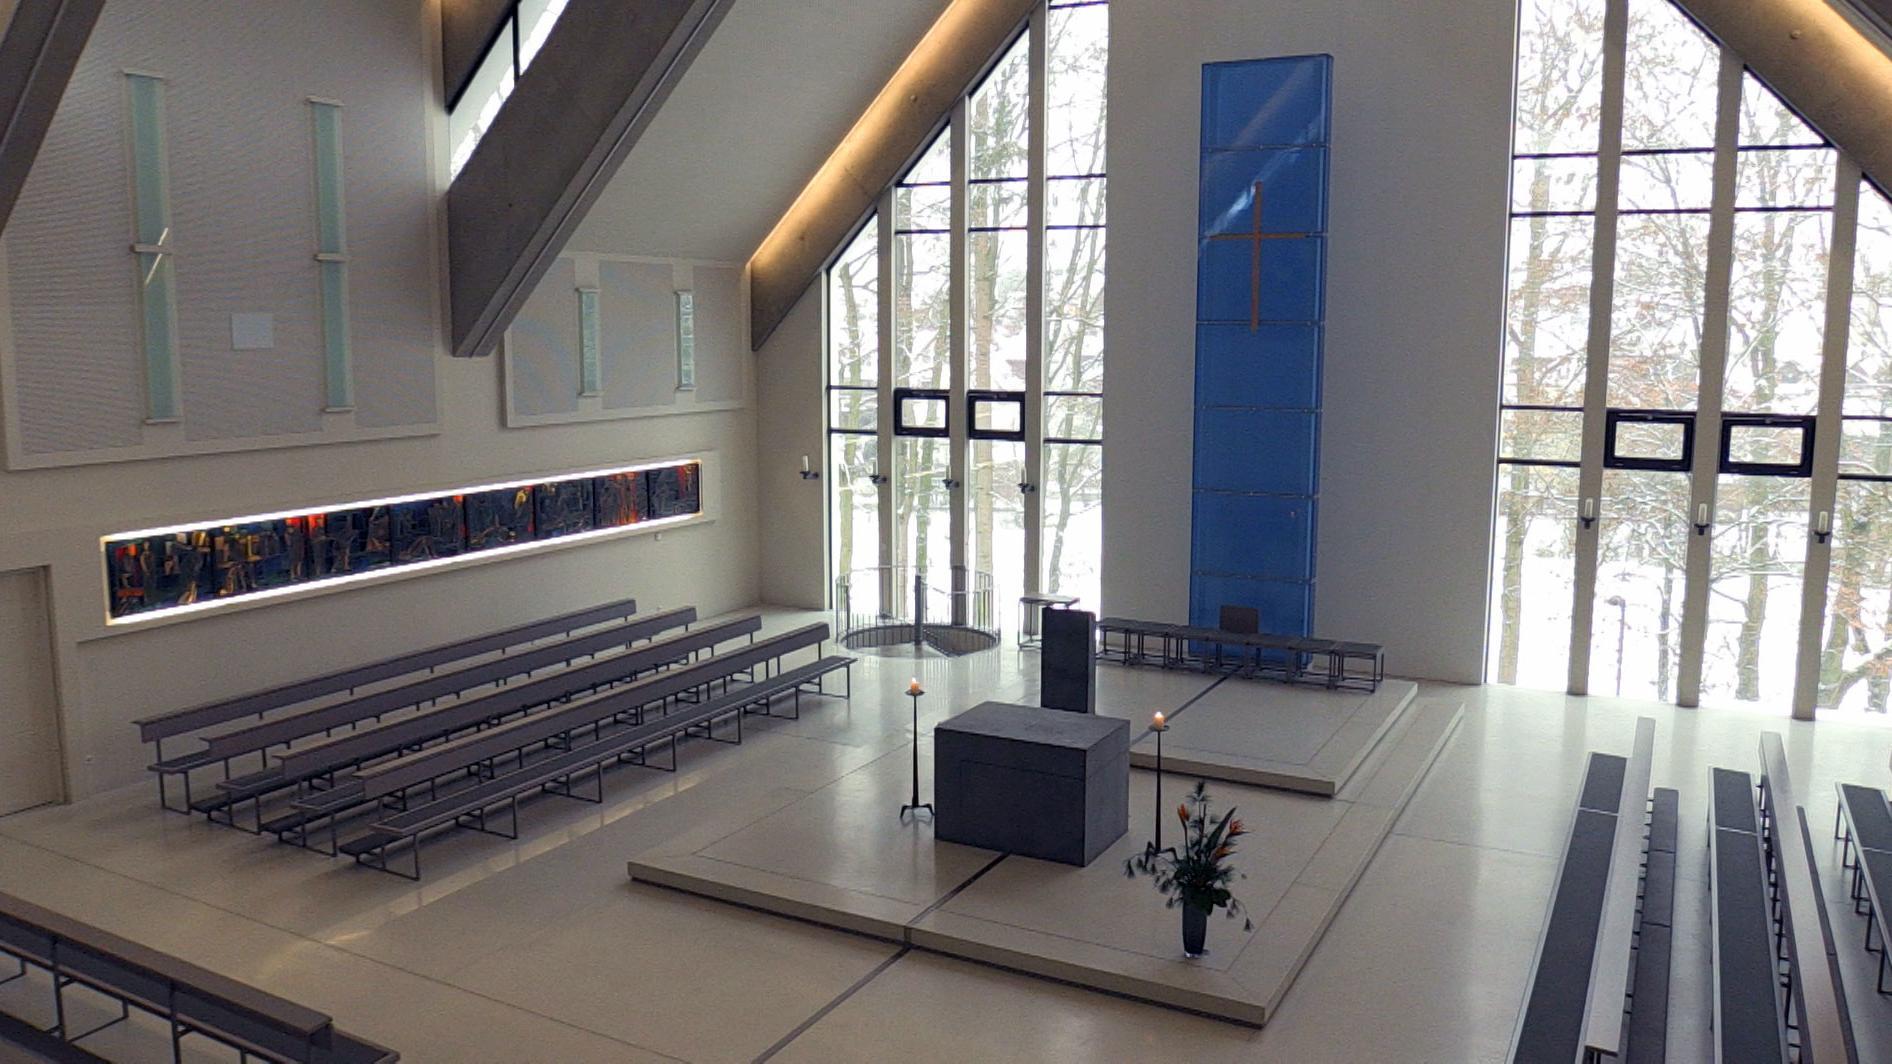 Kirche in Heroldsberg